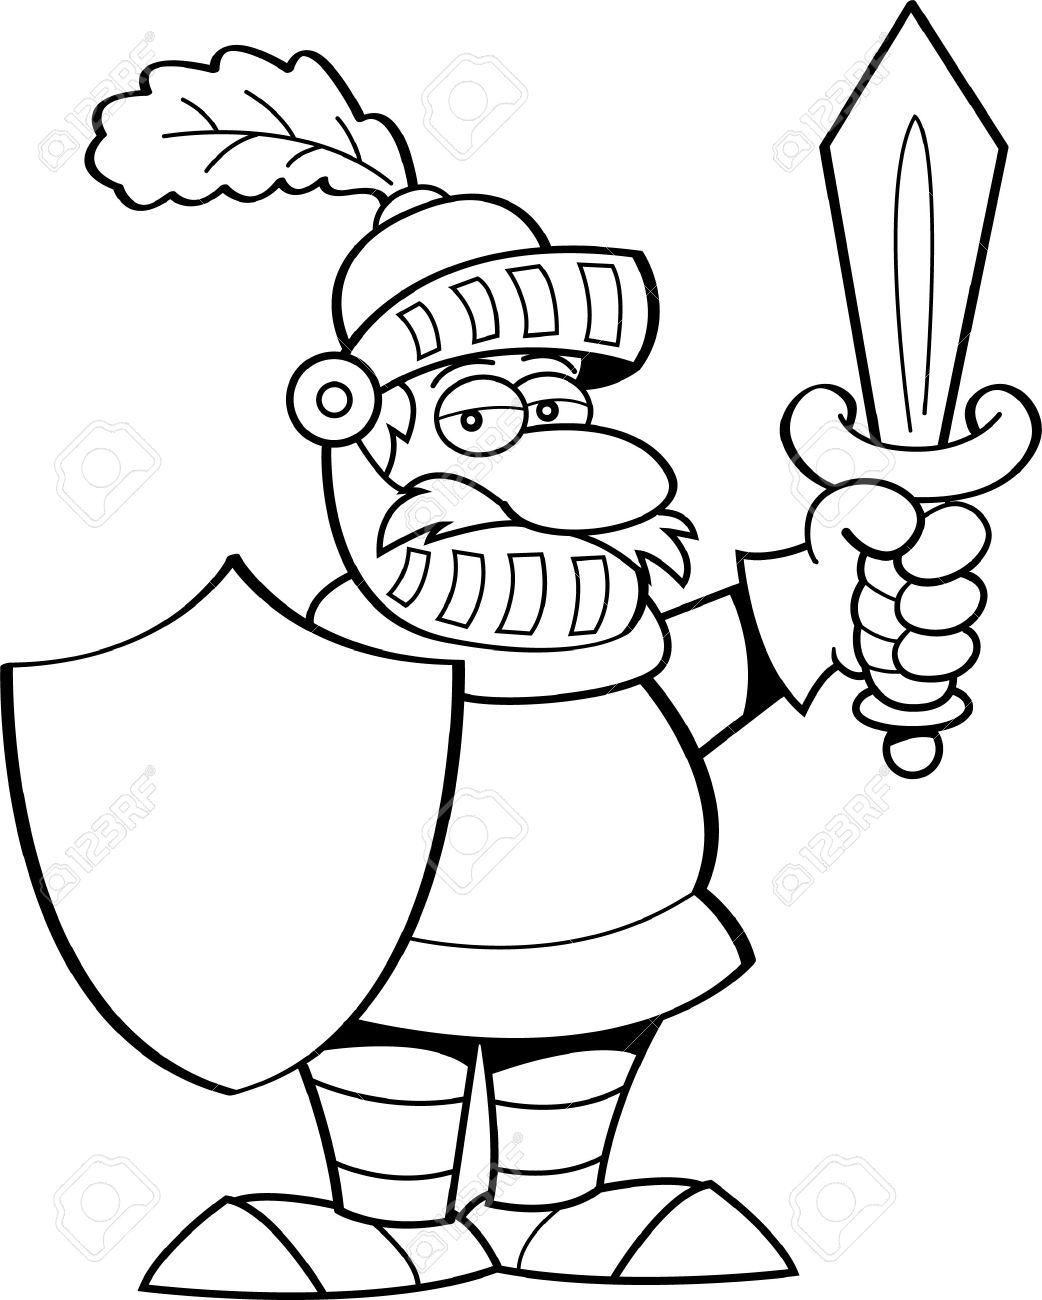 Ilustración En Blanco Y Negro De Un Caballero Armado Con Una Espada ...